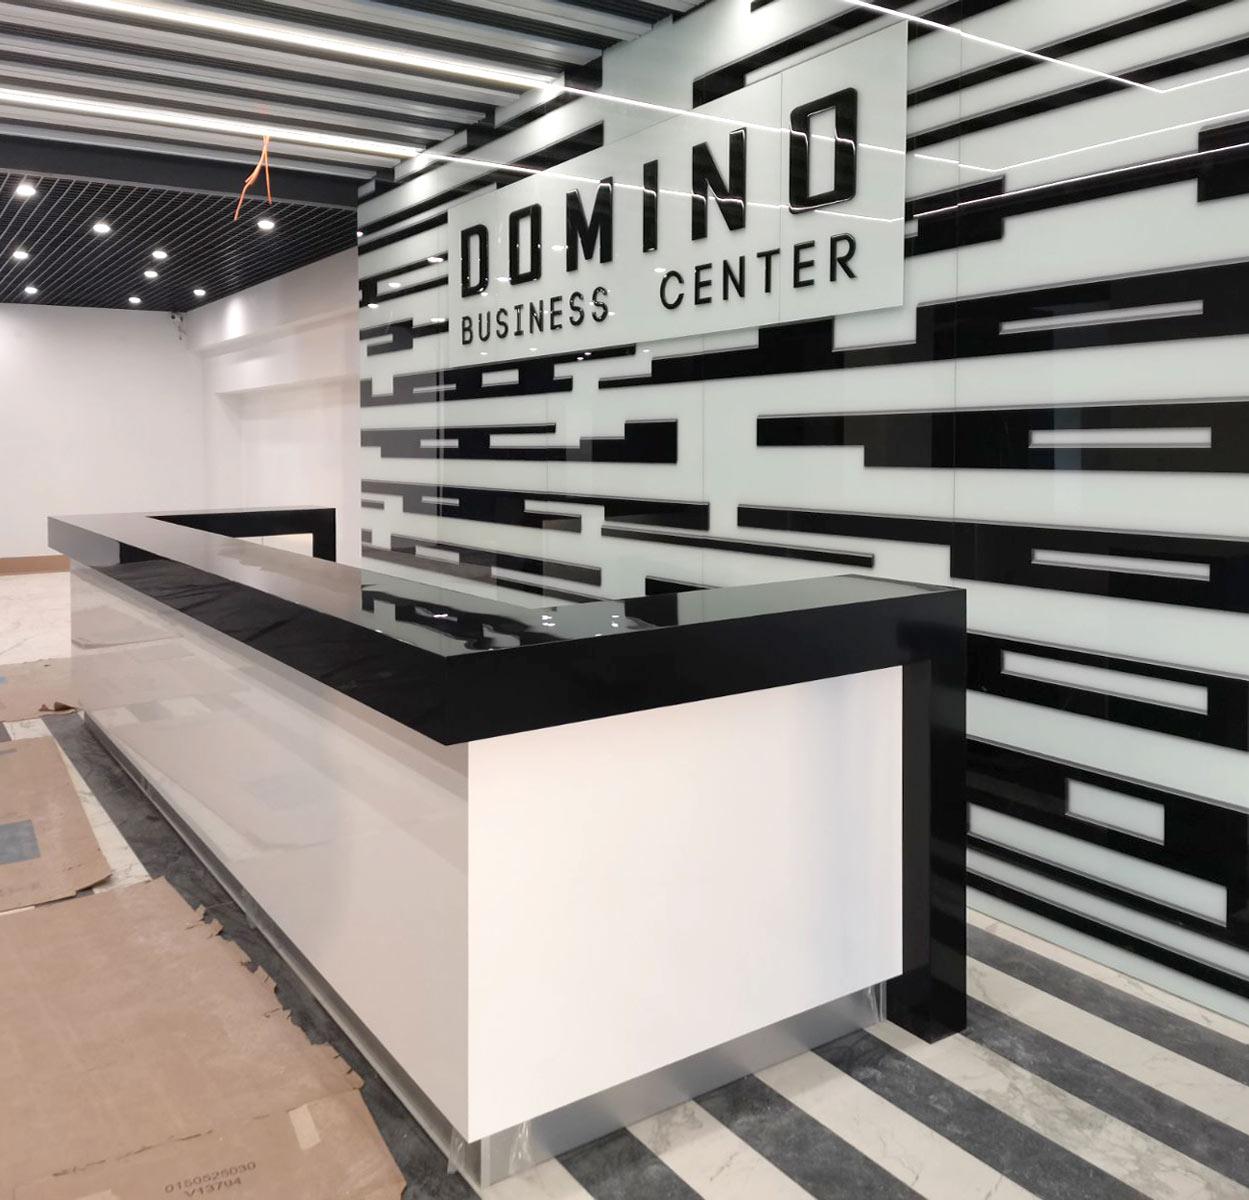 Виготовлення та монтаж ресепшн для бізнес центру «Domino»